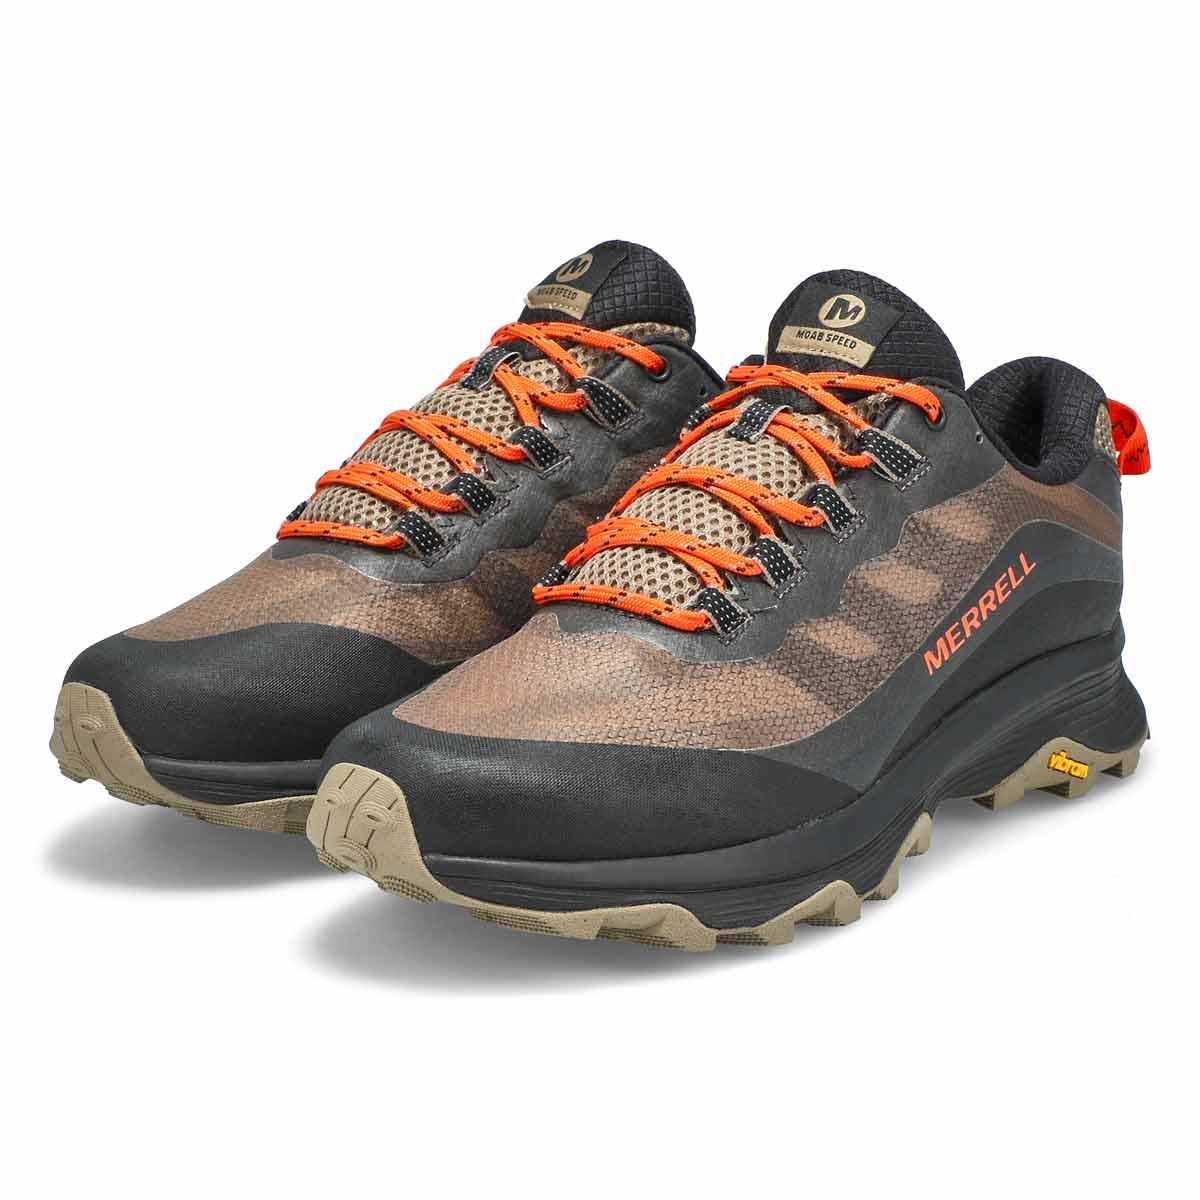 Men's Moab Speed Waterproof Hiking Shoe - Brindle